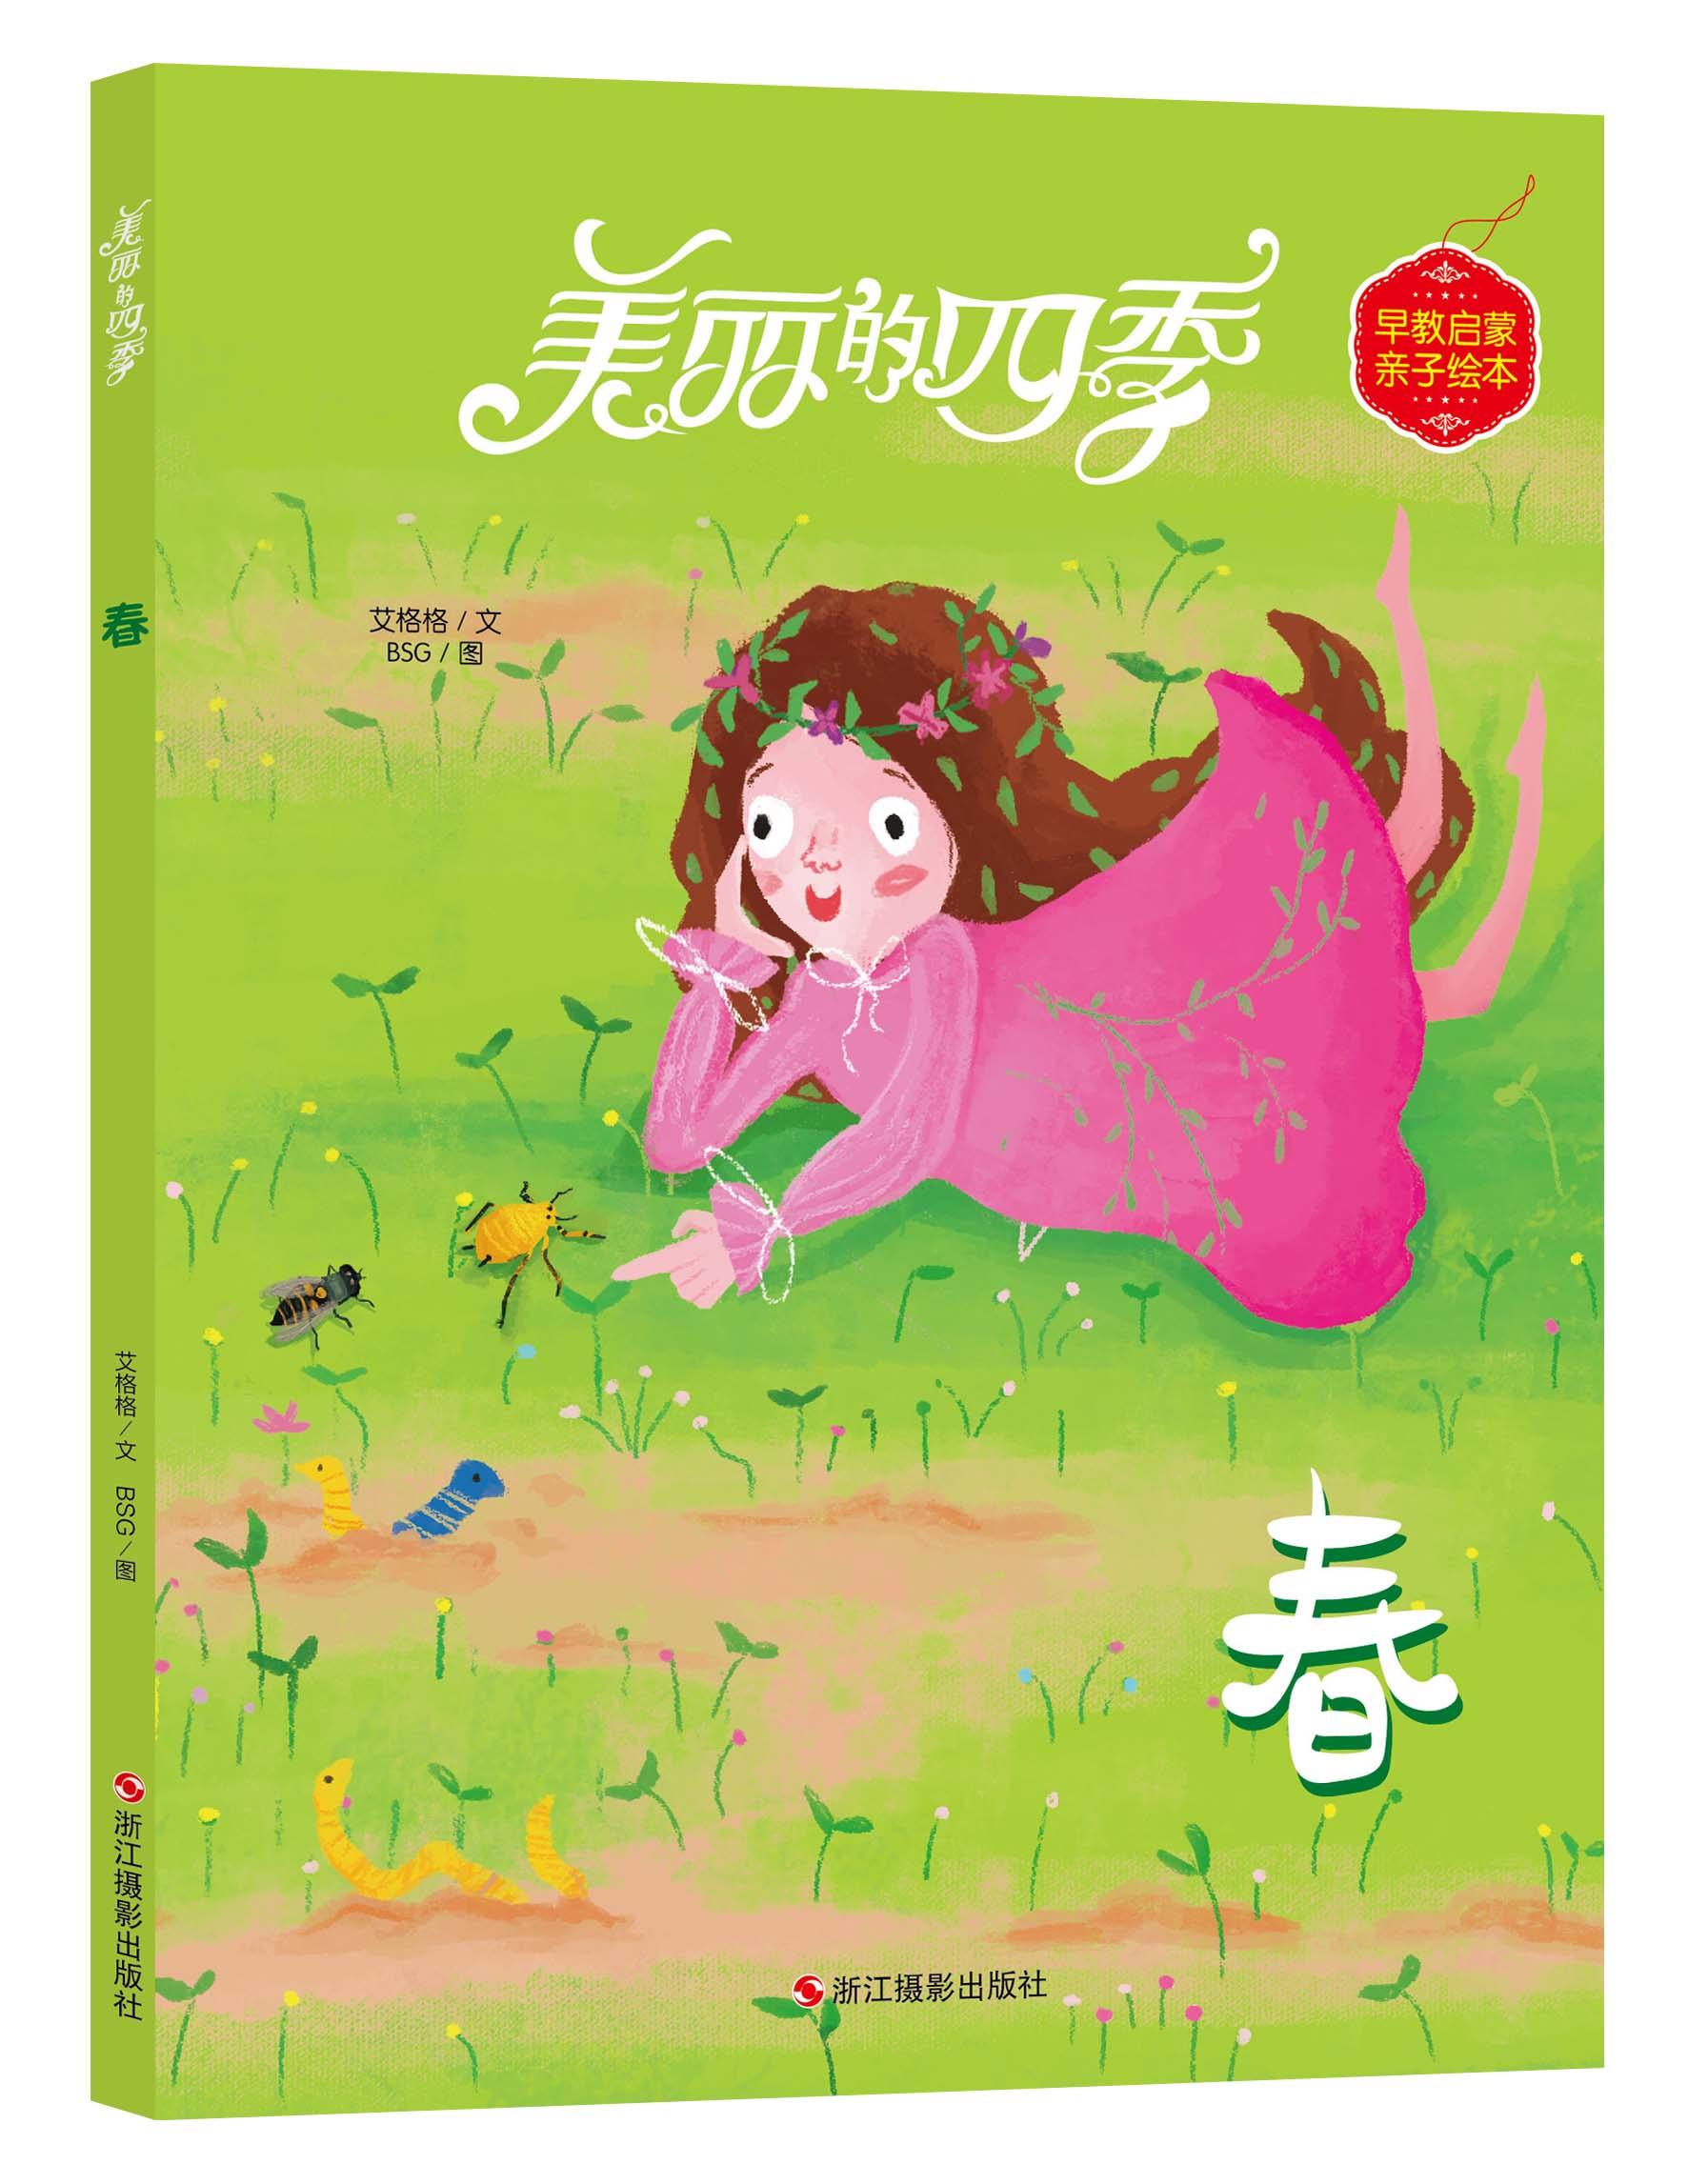 陕西省安康市汉阴县幼儿智力开发书销售批发